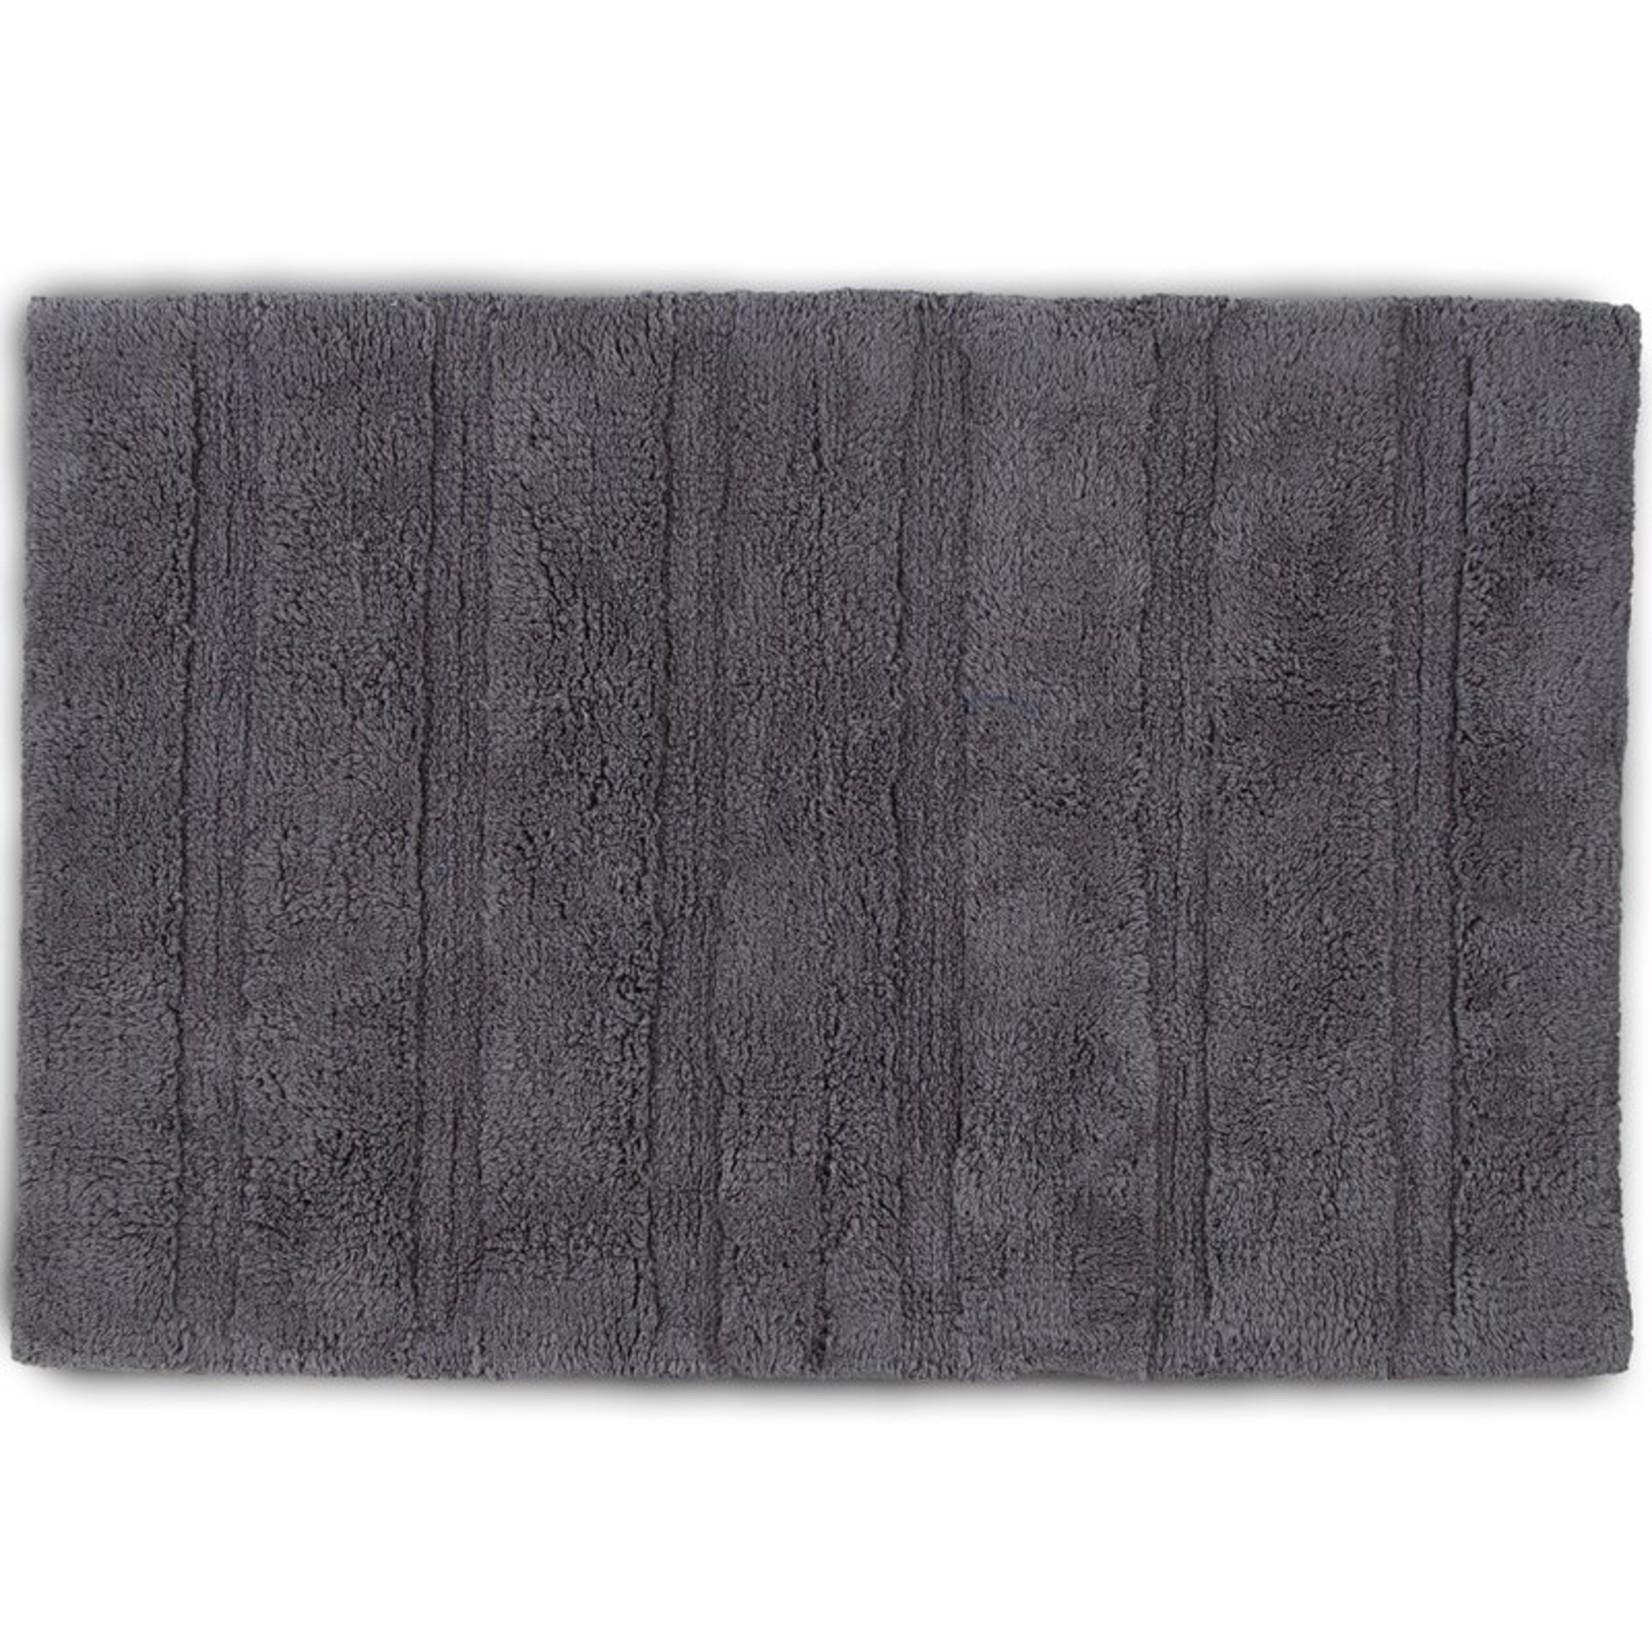 """*17"""" x 24"""" - Abundance 100% Cotton Non-Slip Bath Rug - Boulder Gray"""